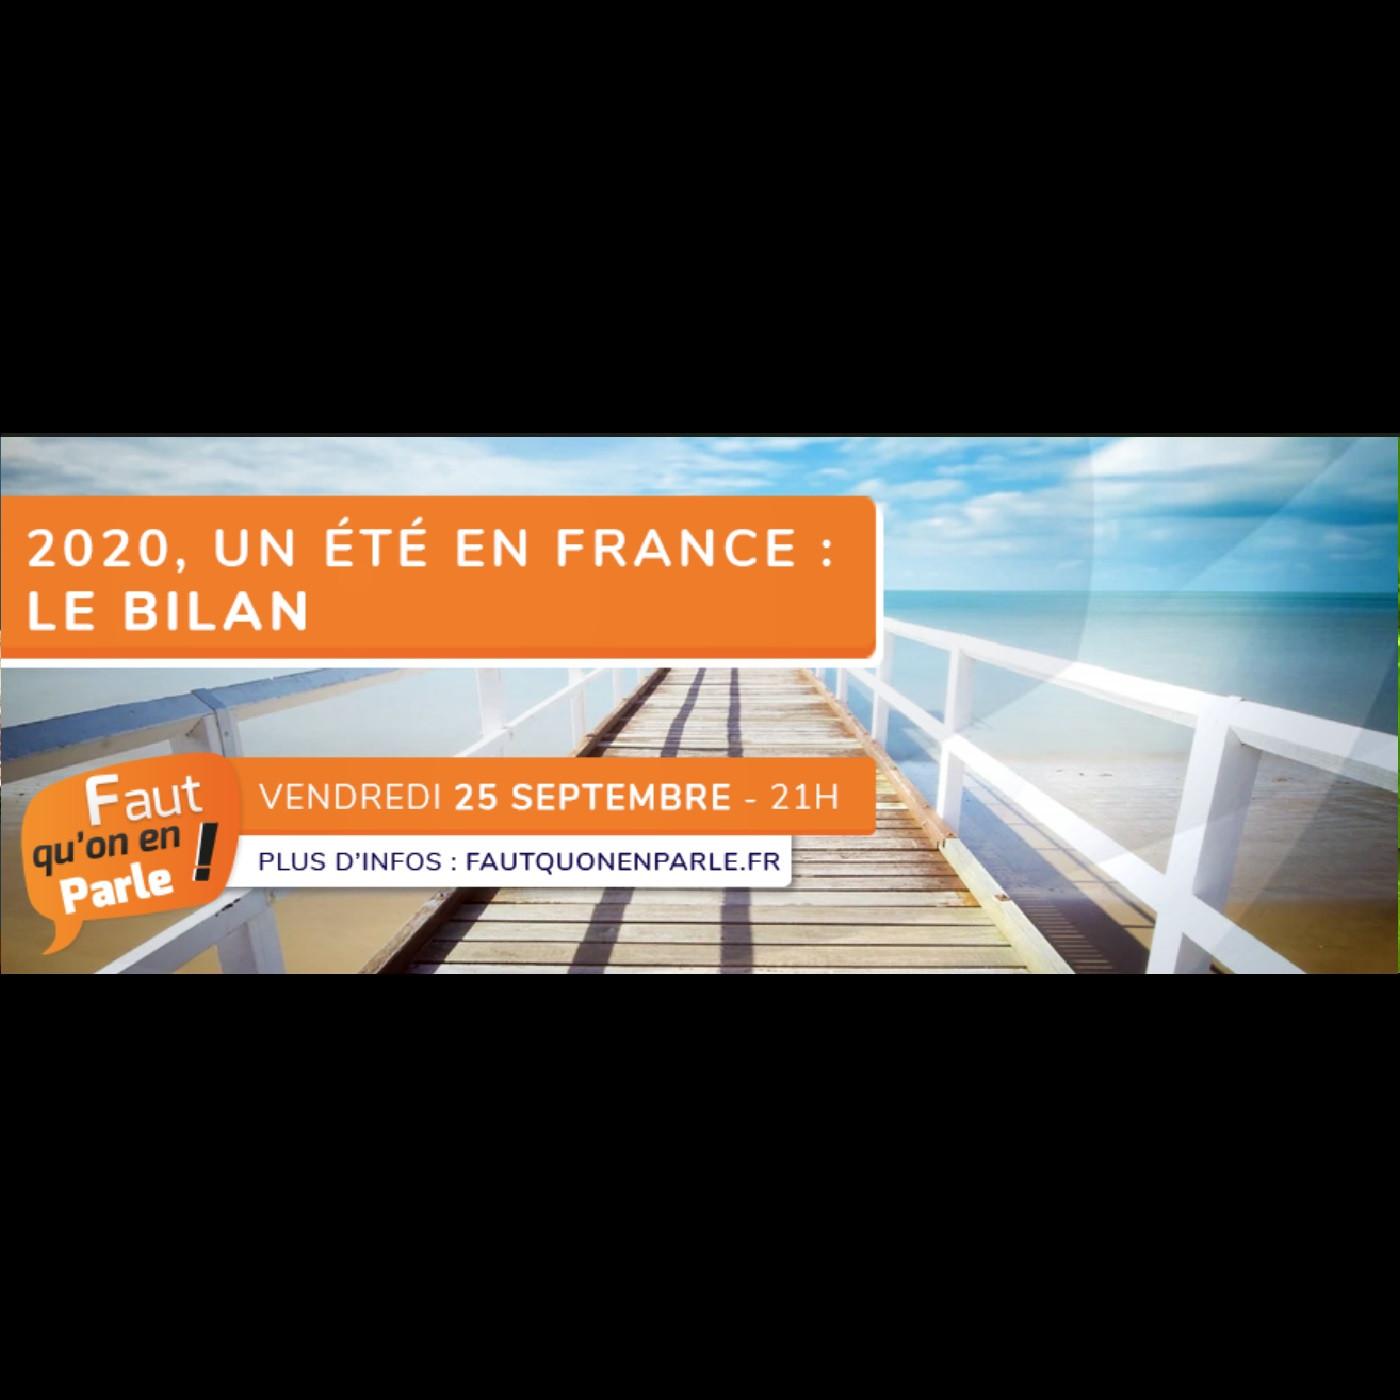 2020, un été en France : Le bilan